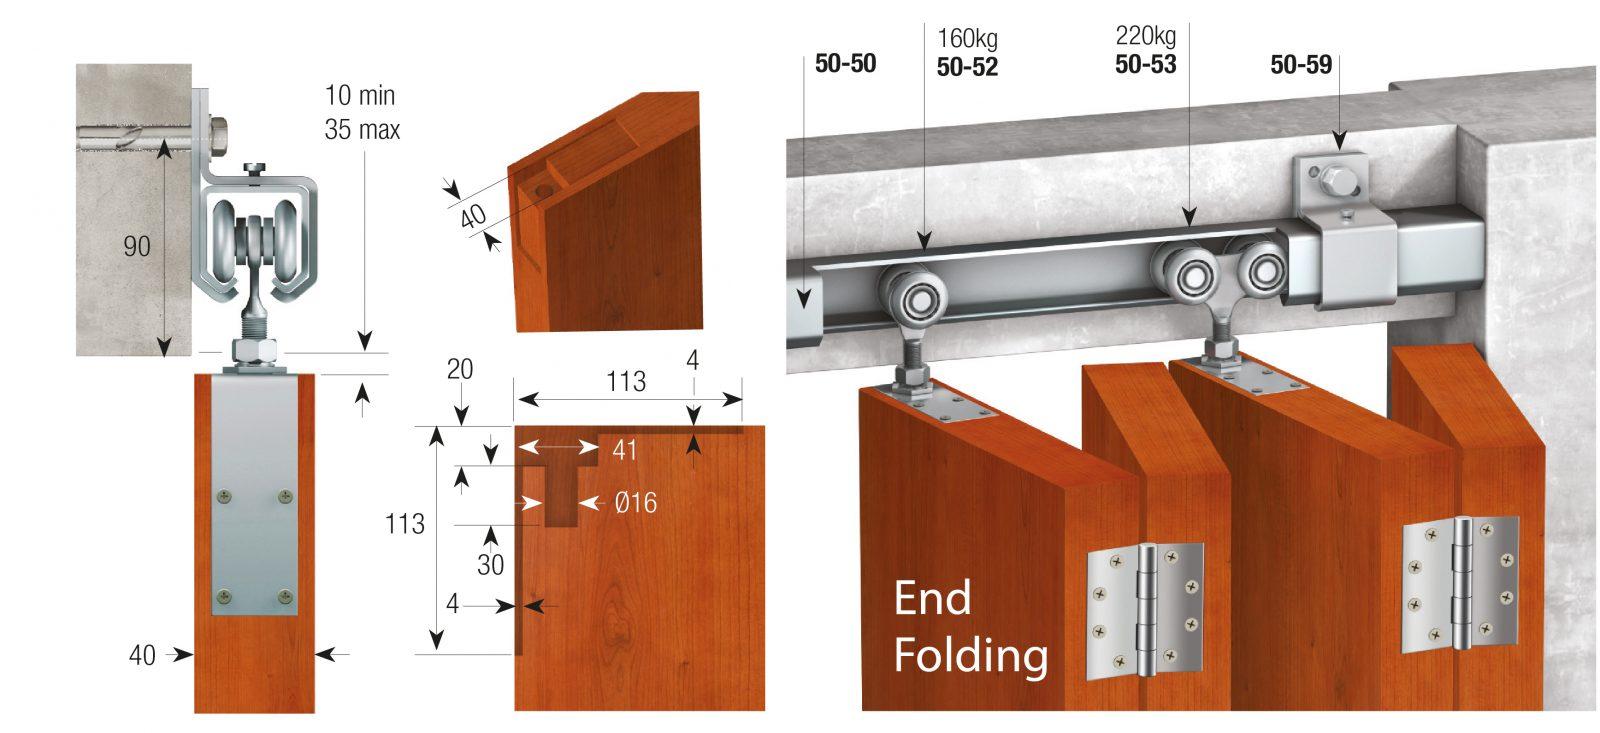 Series 20 Sliding Door System - maximum weight capacity 90kg